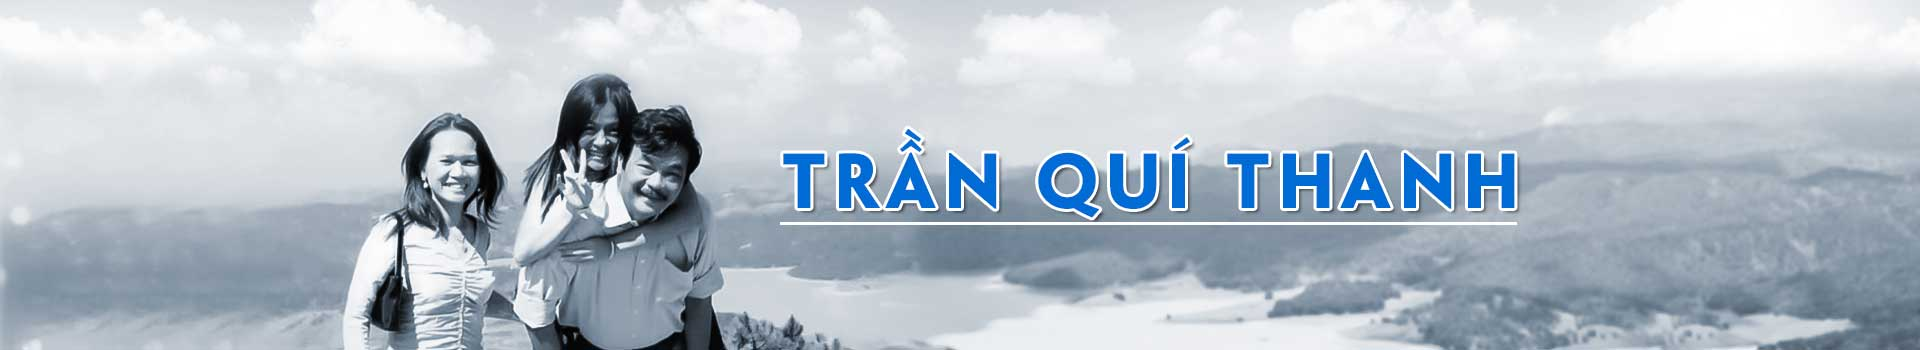 Trần Quí Thanh